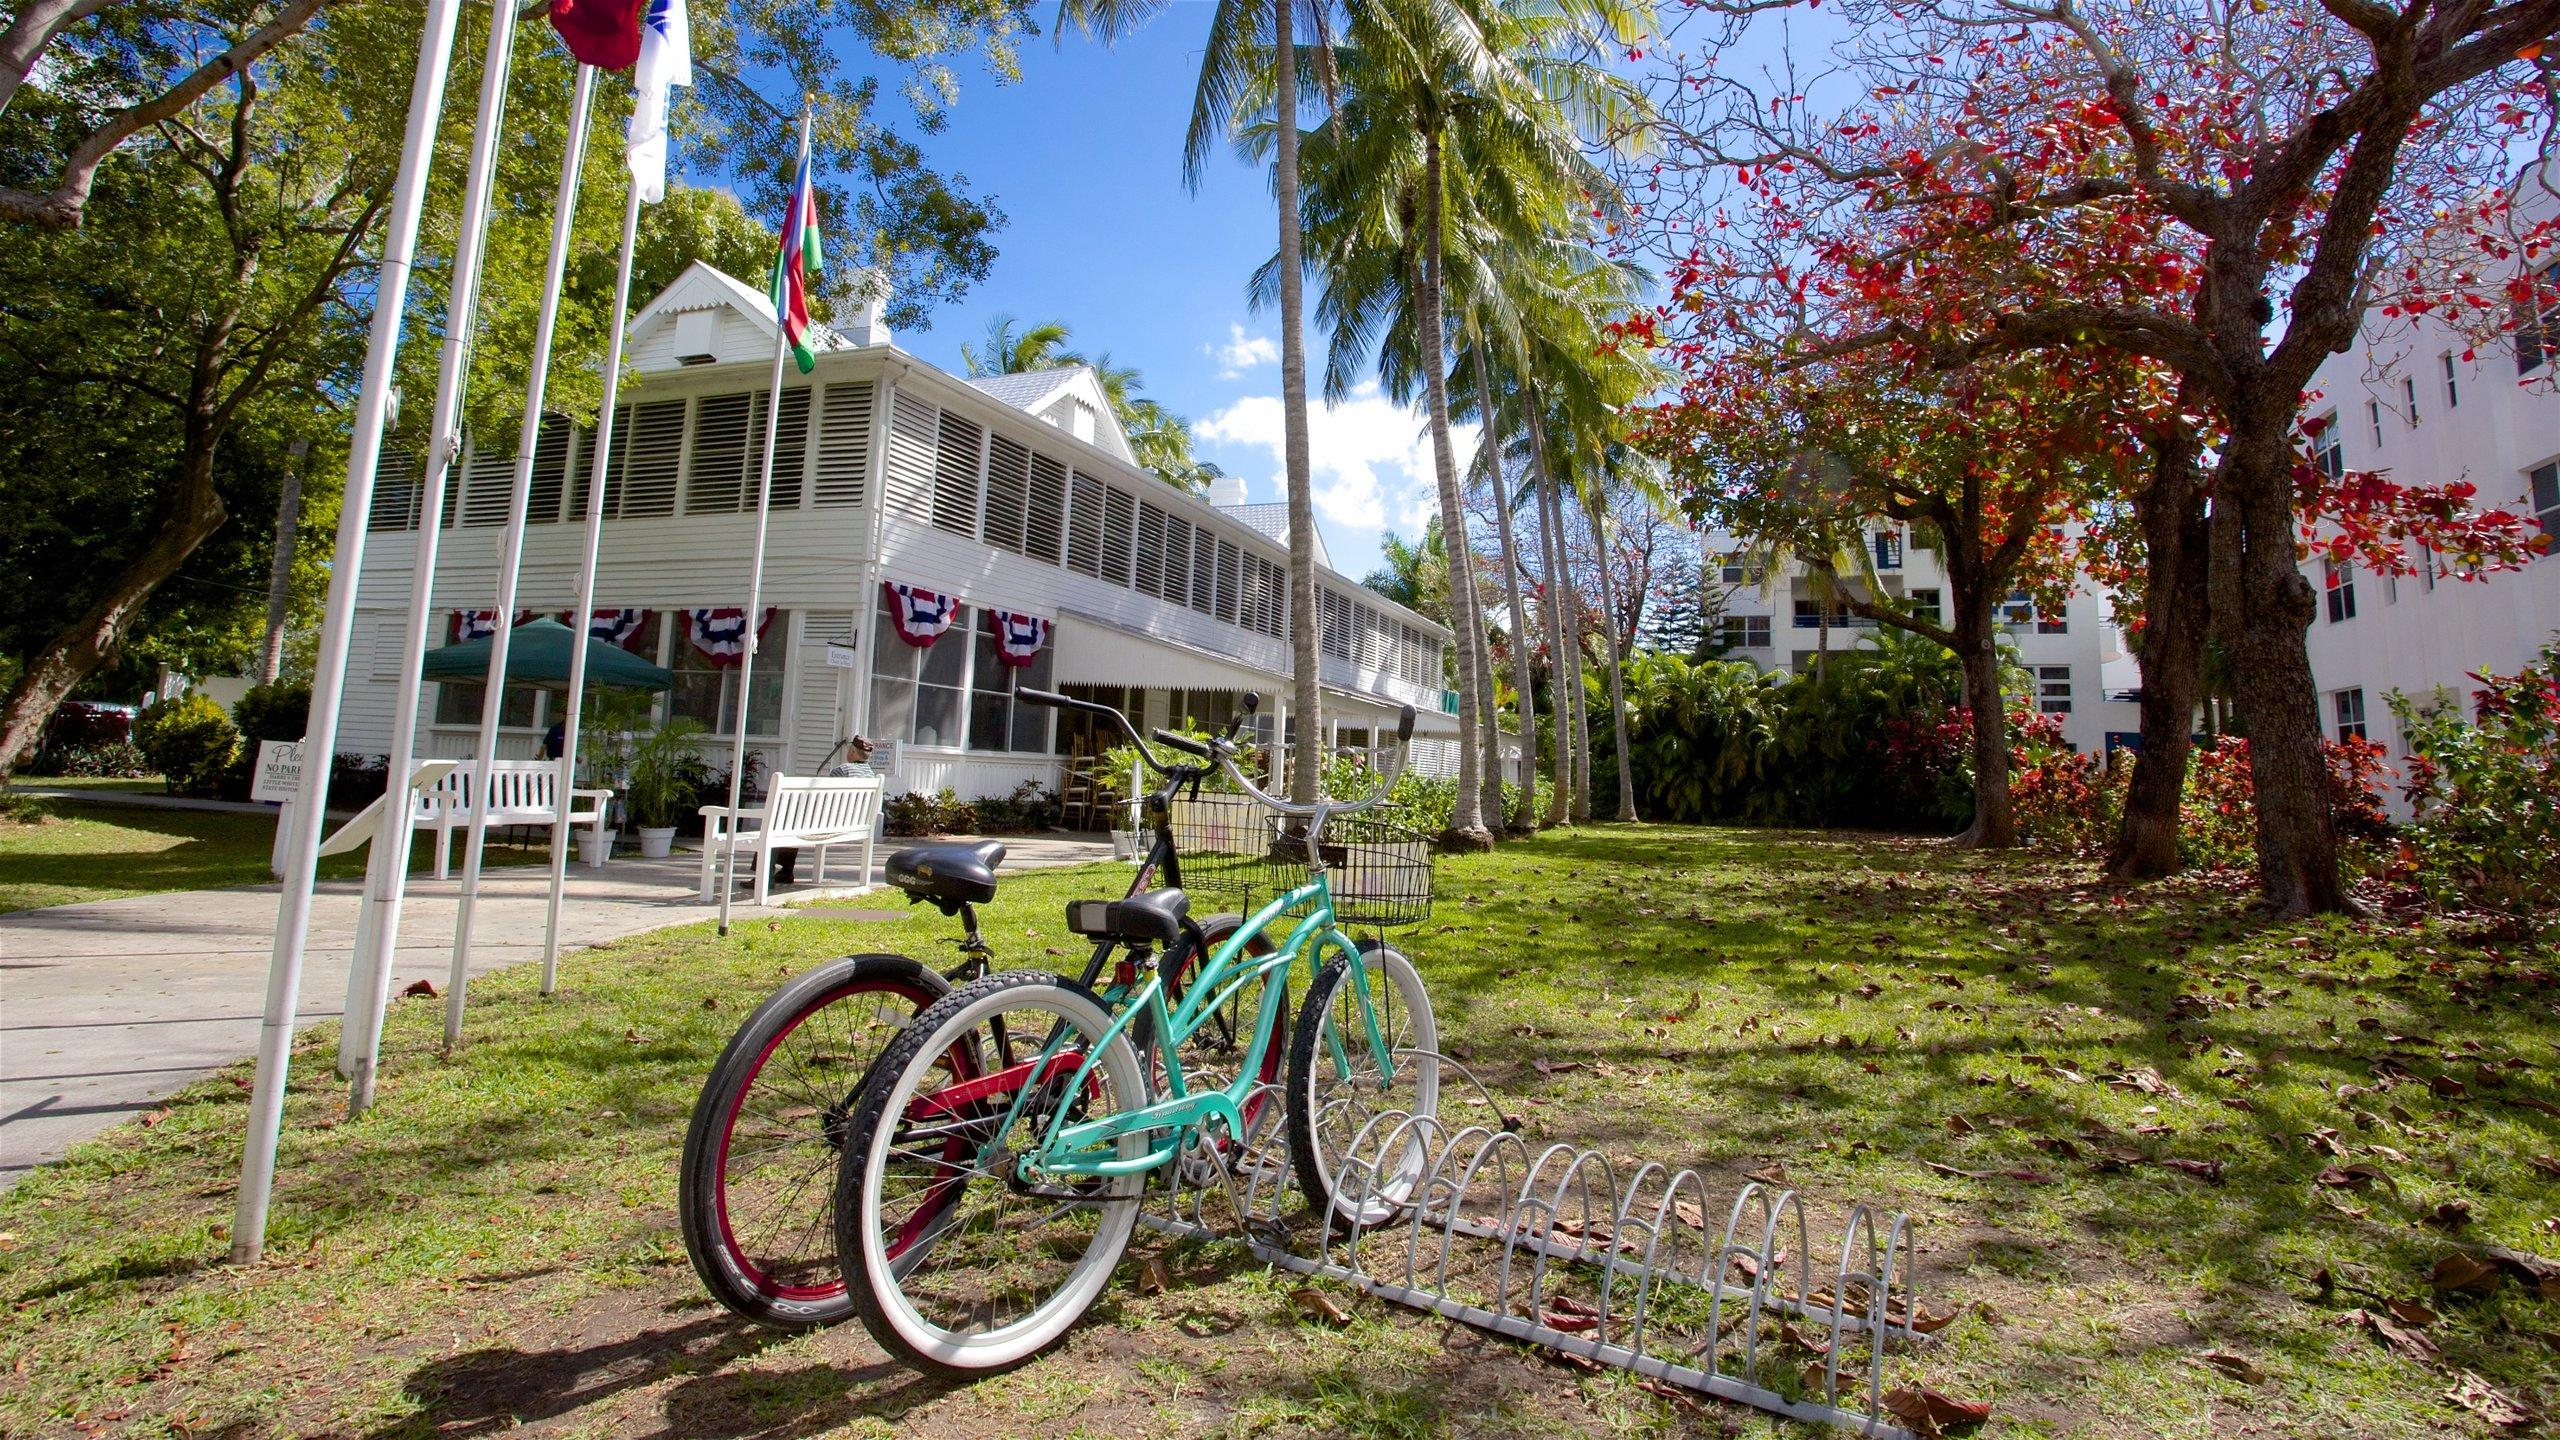 Bahama Village, Key West, Florida, United States of America